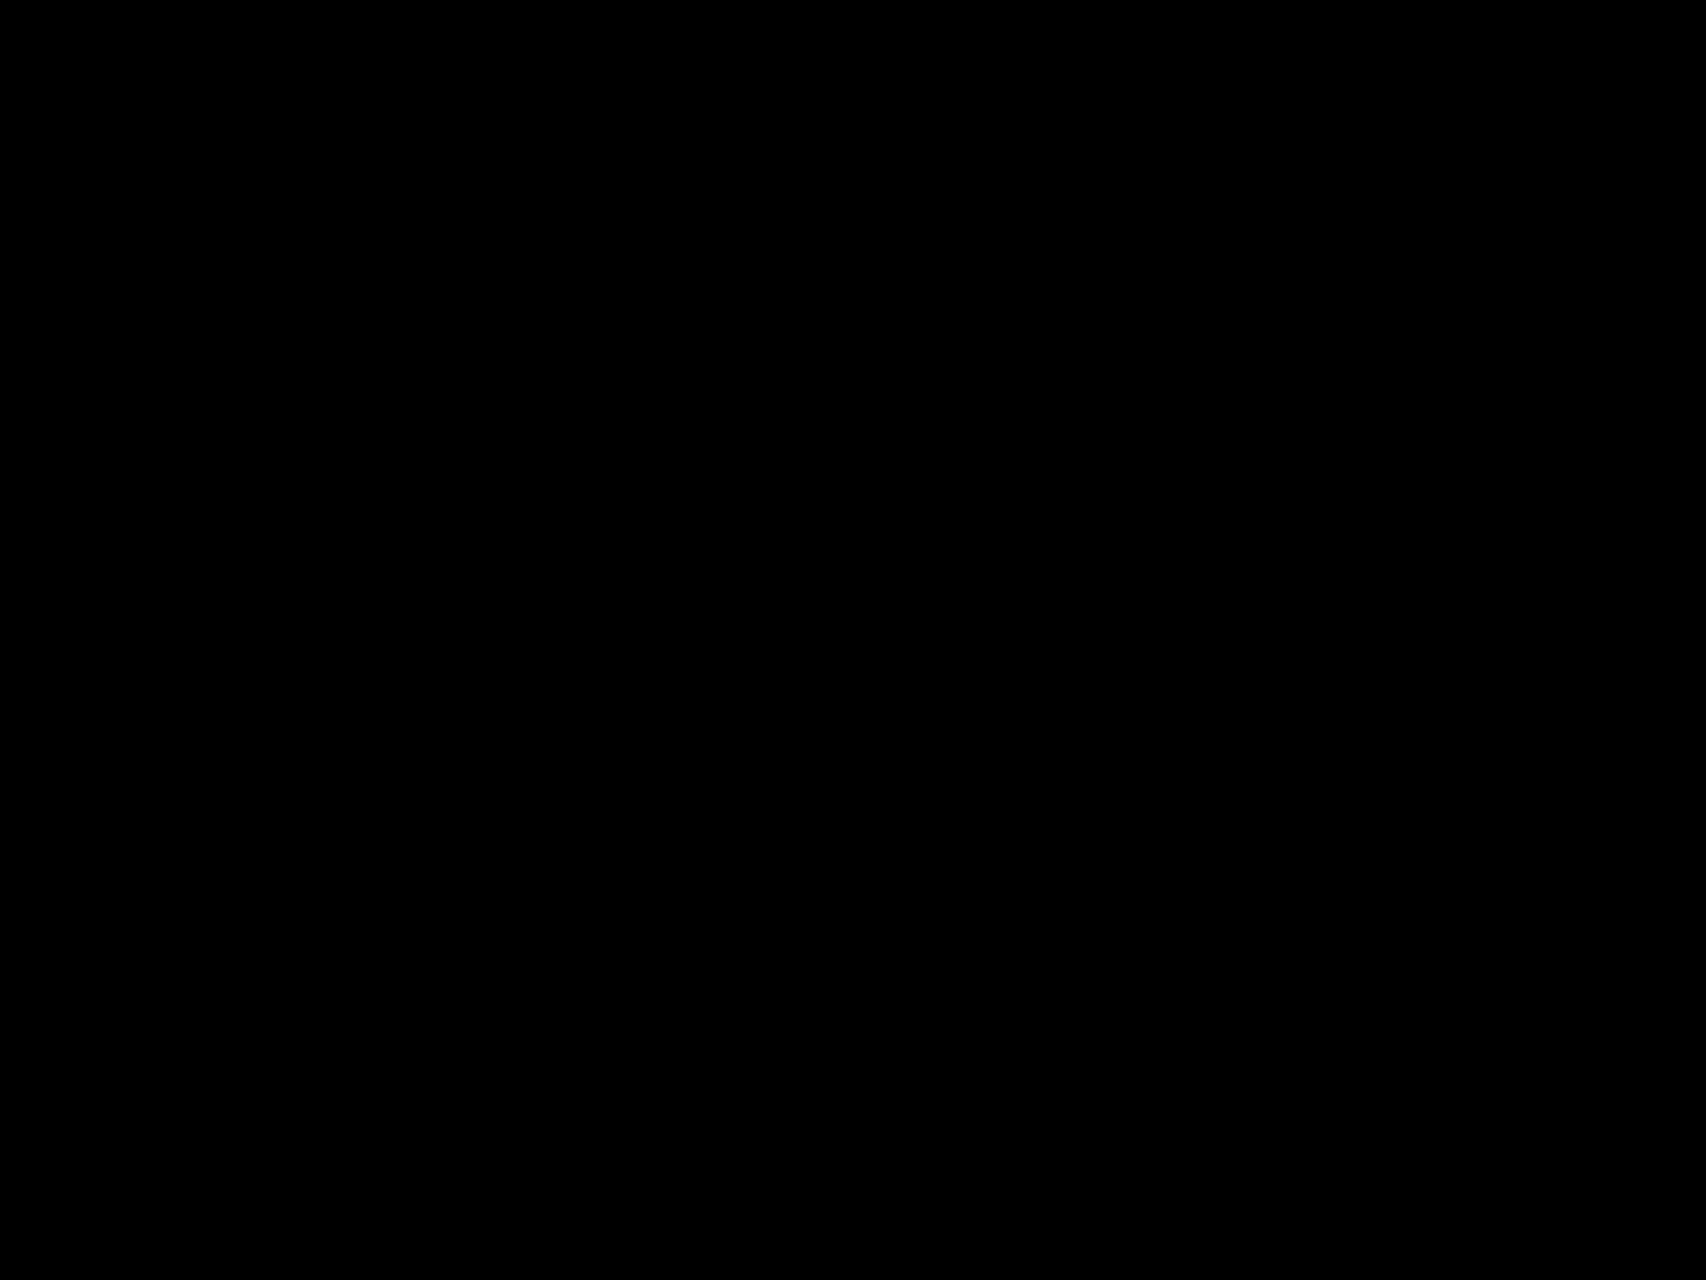 12712_07.jpg